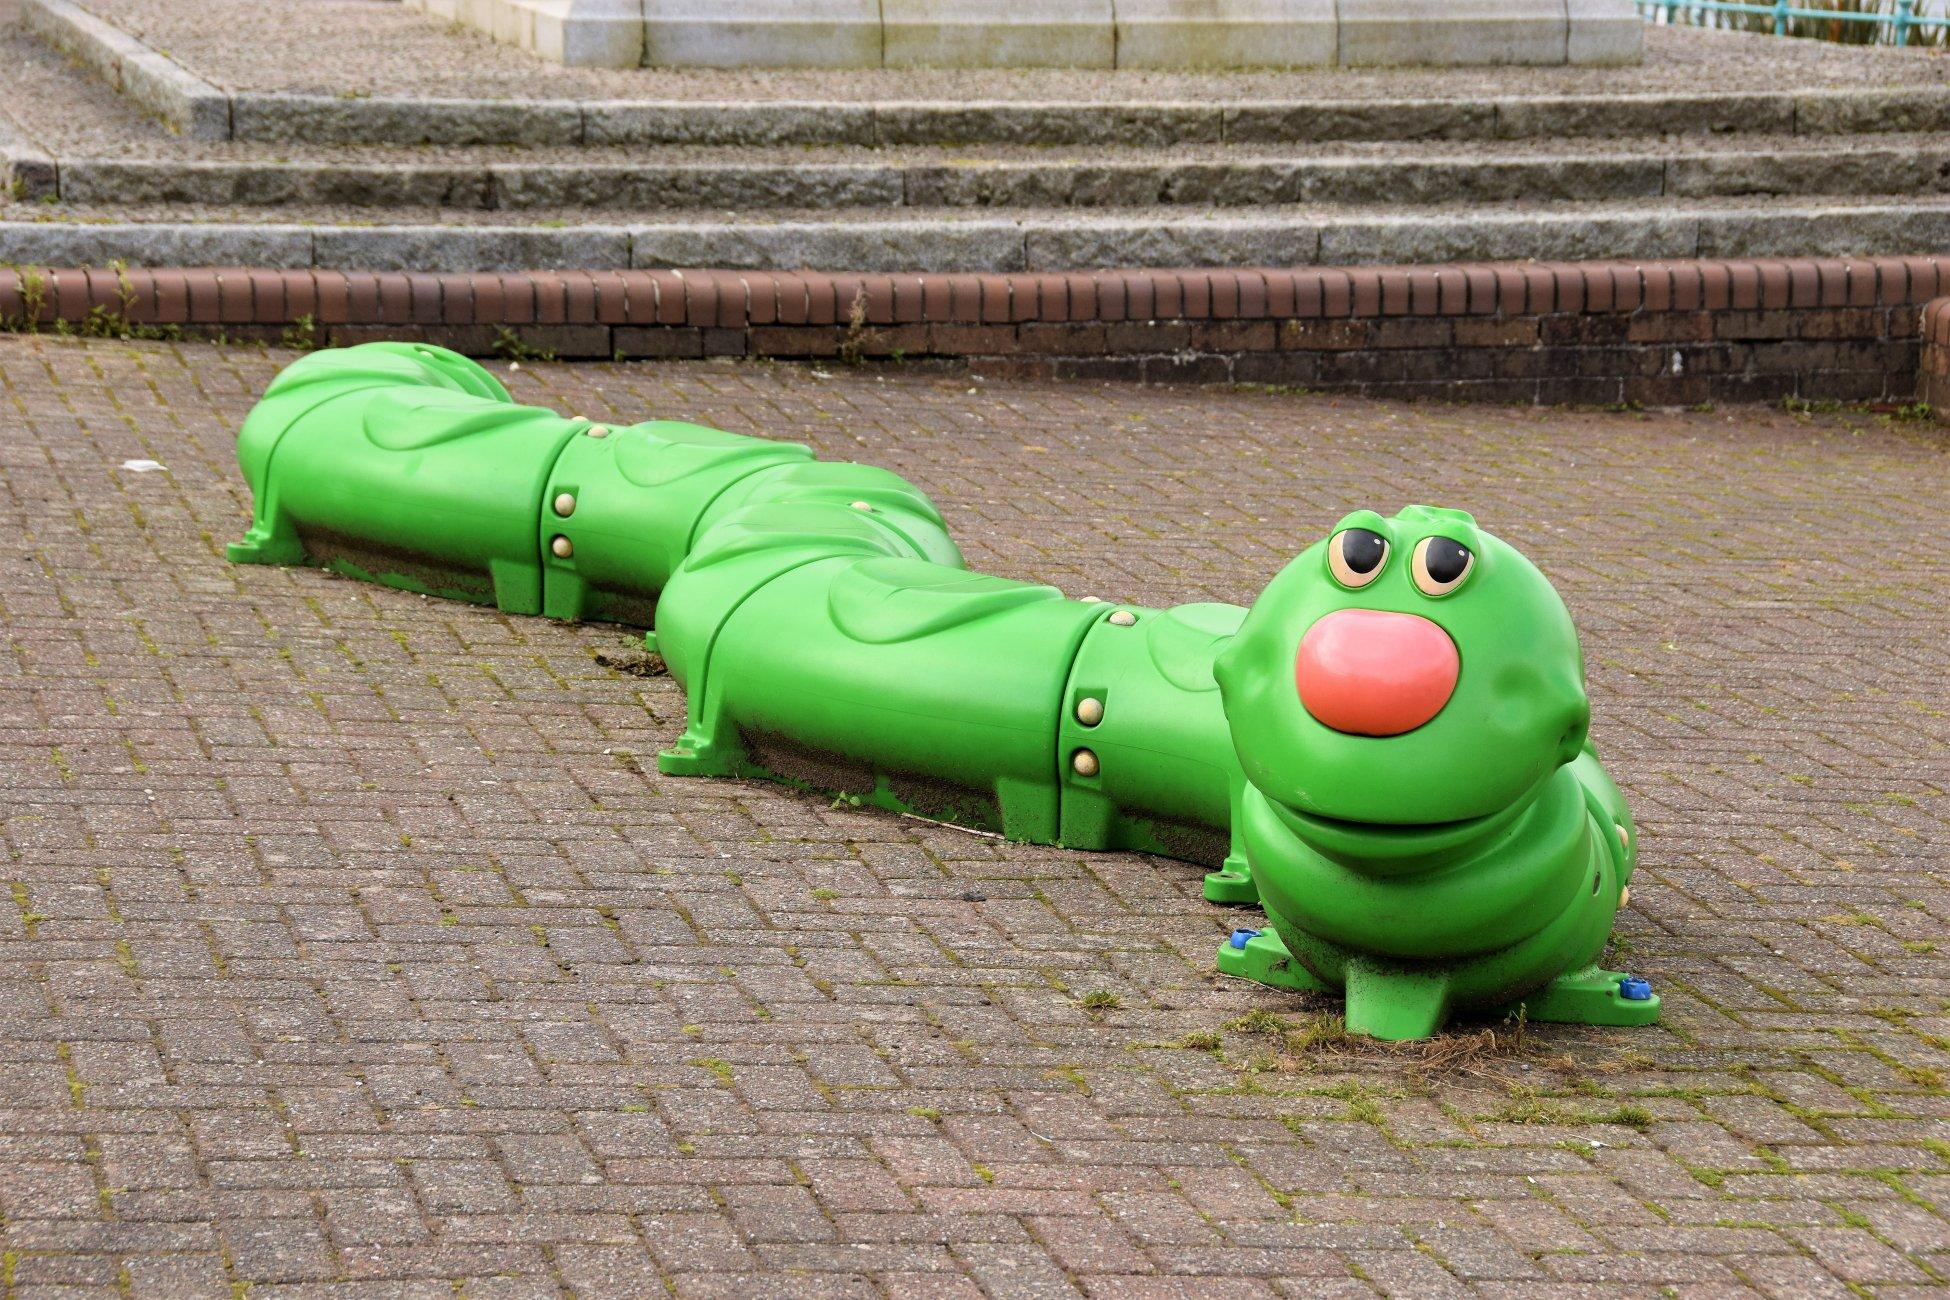 # Giant Caterpillar